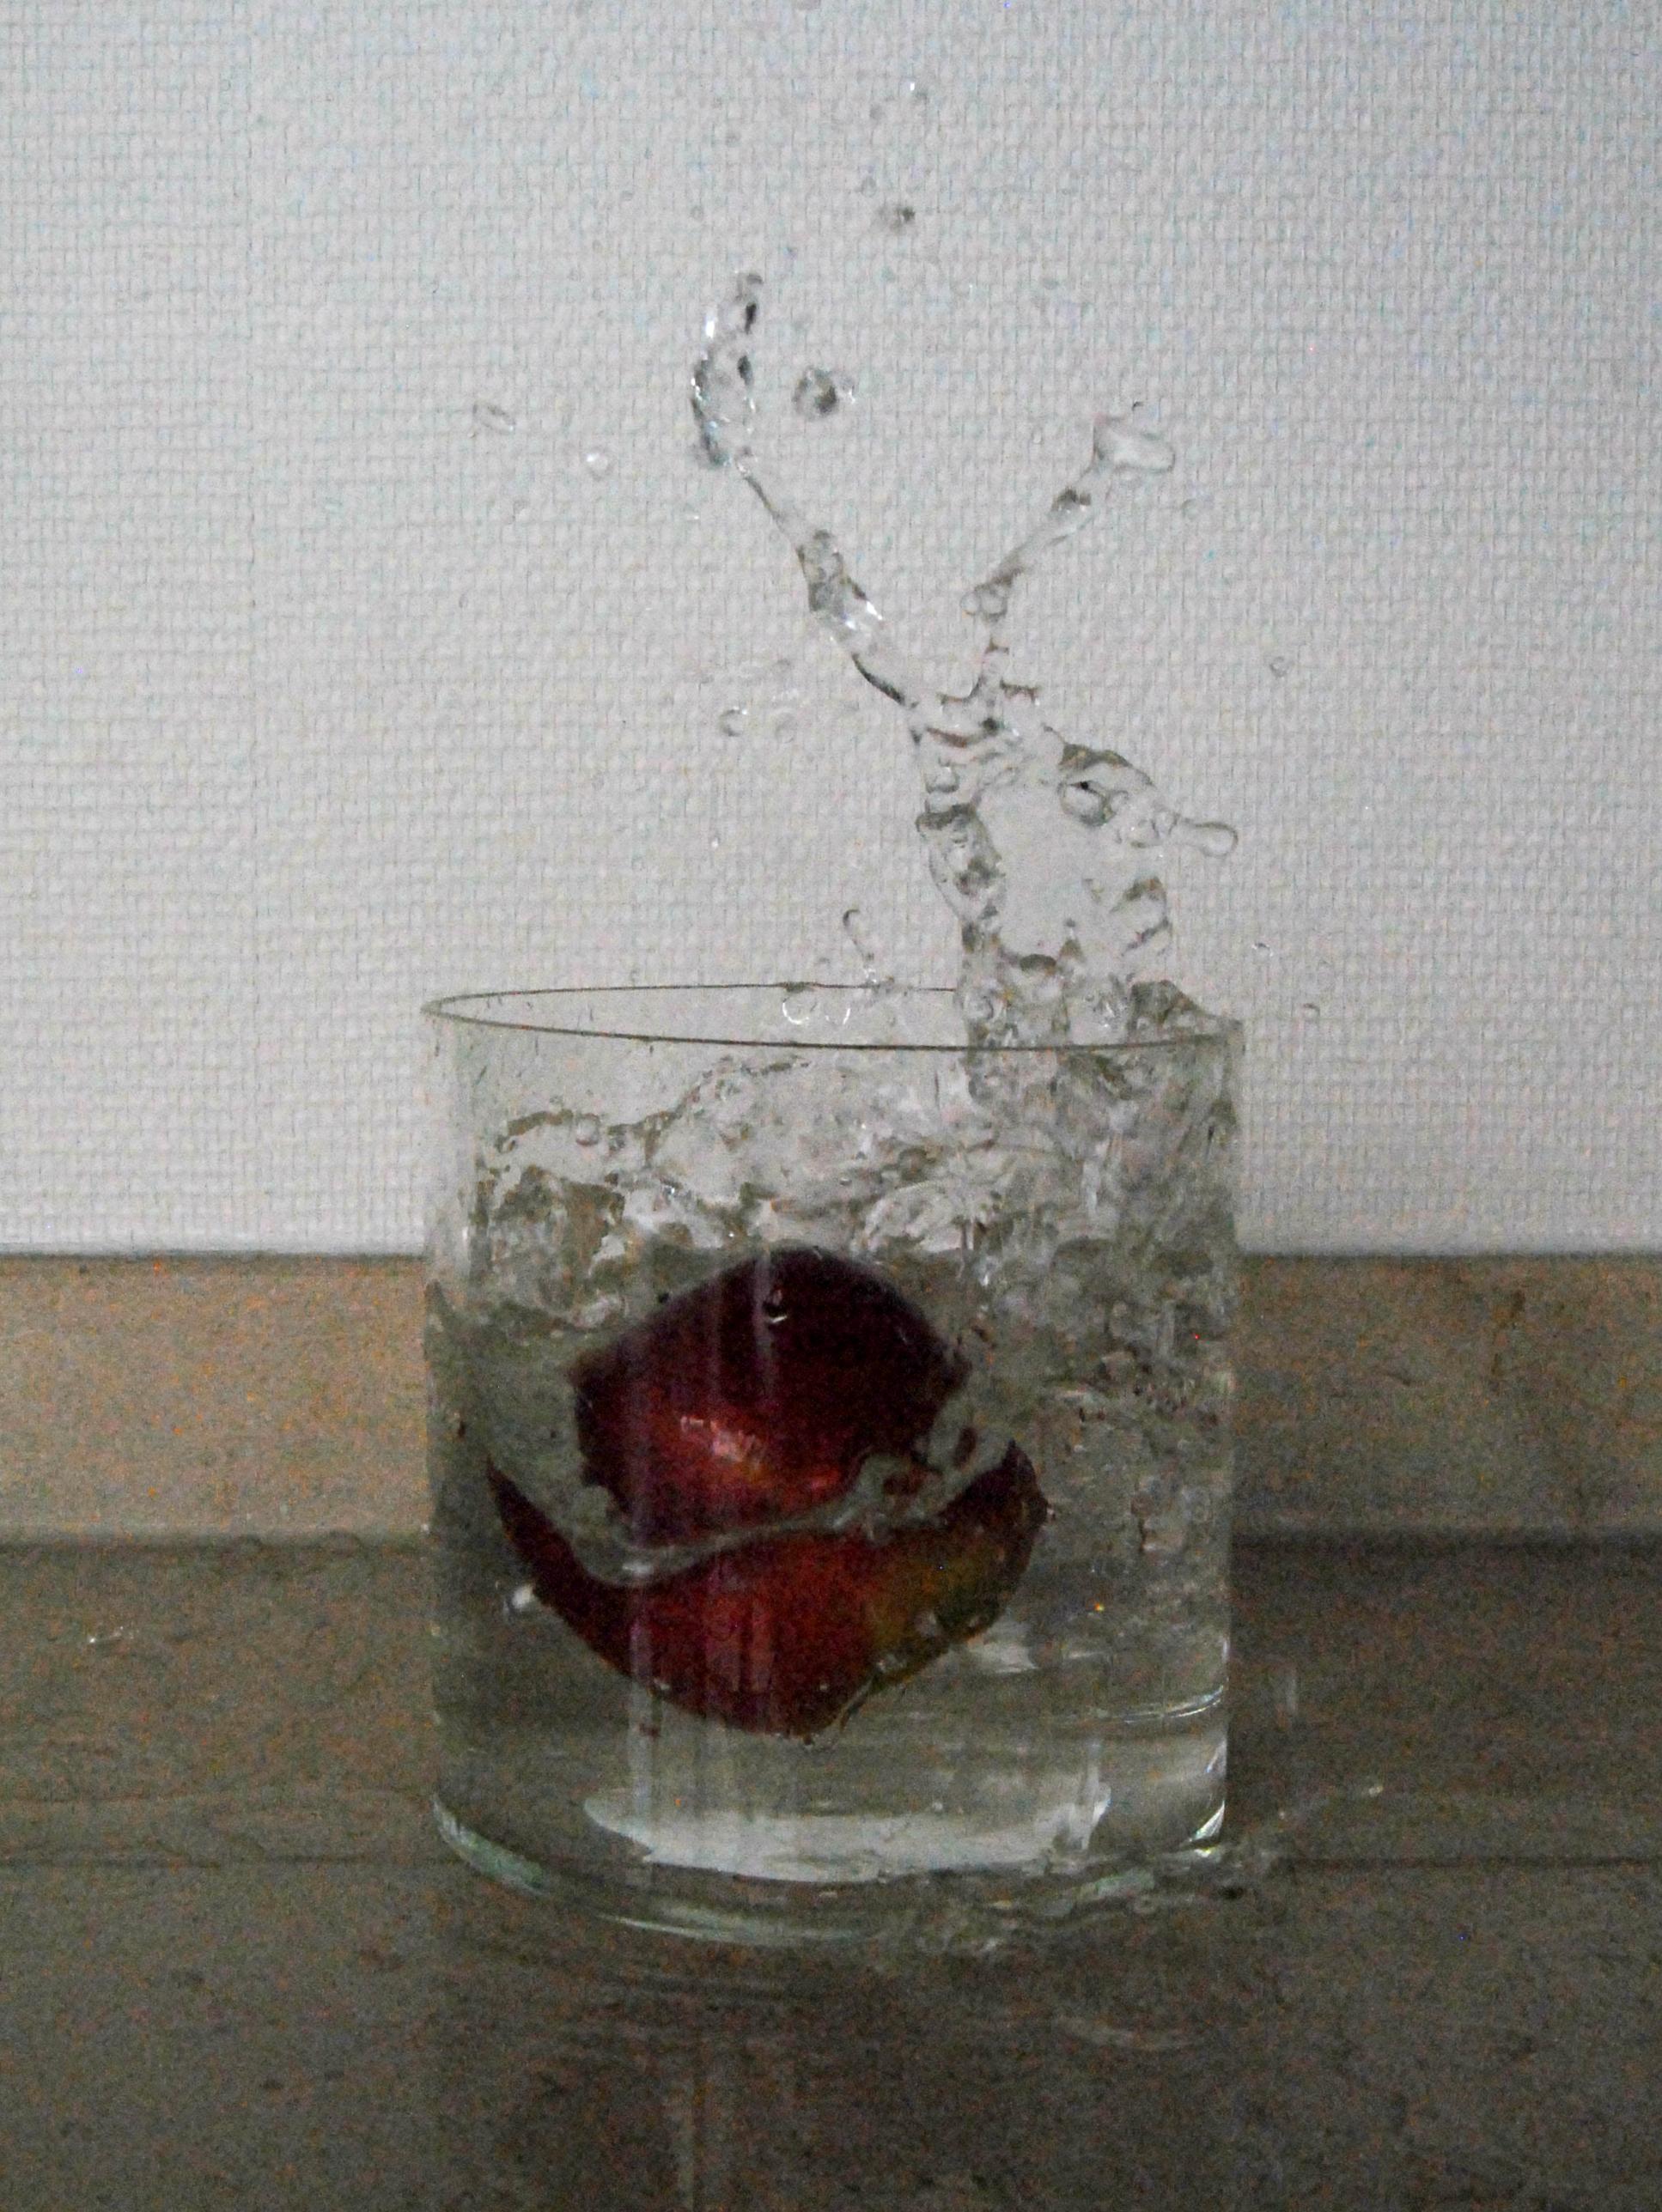 beweging appel.jpg